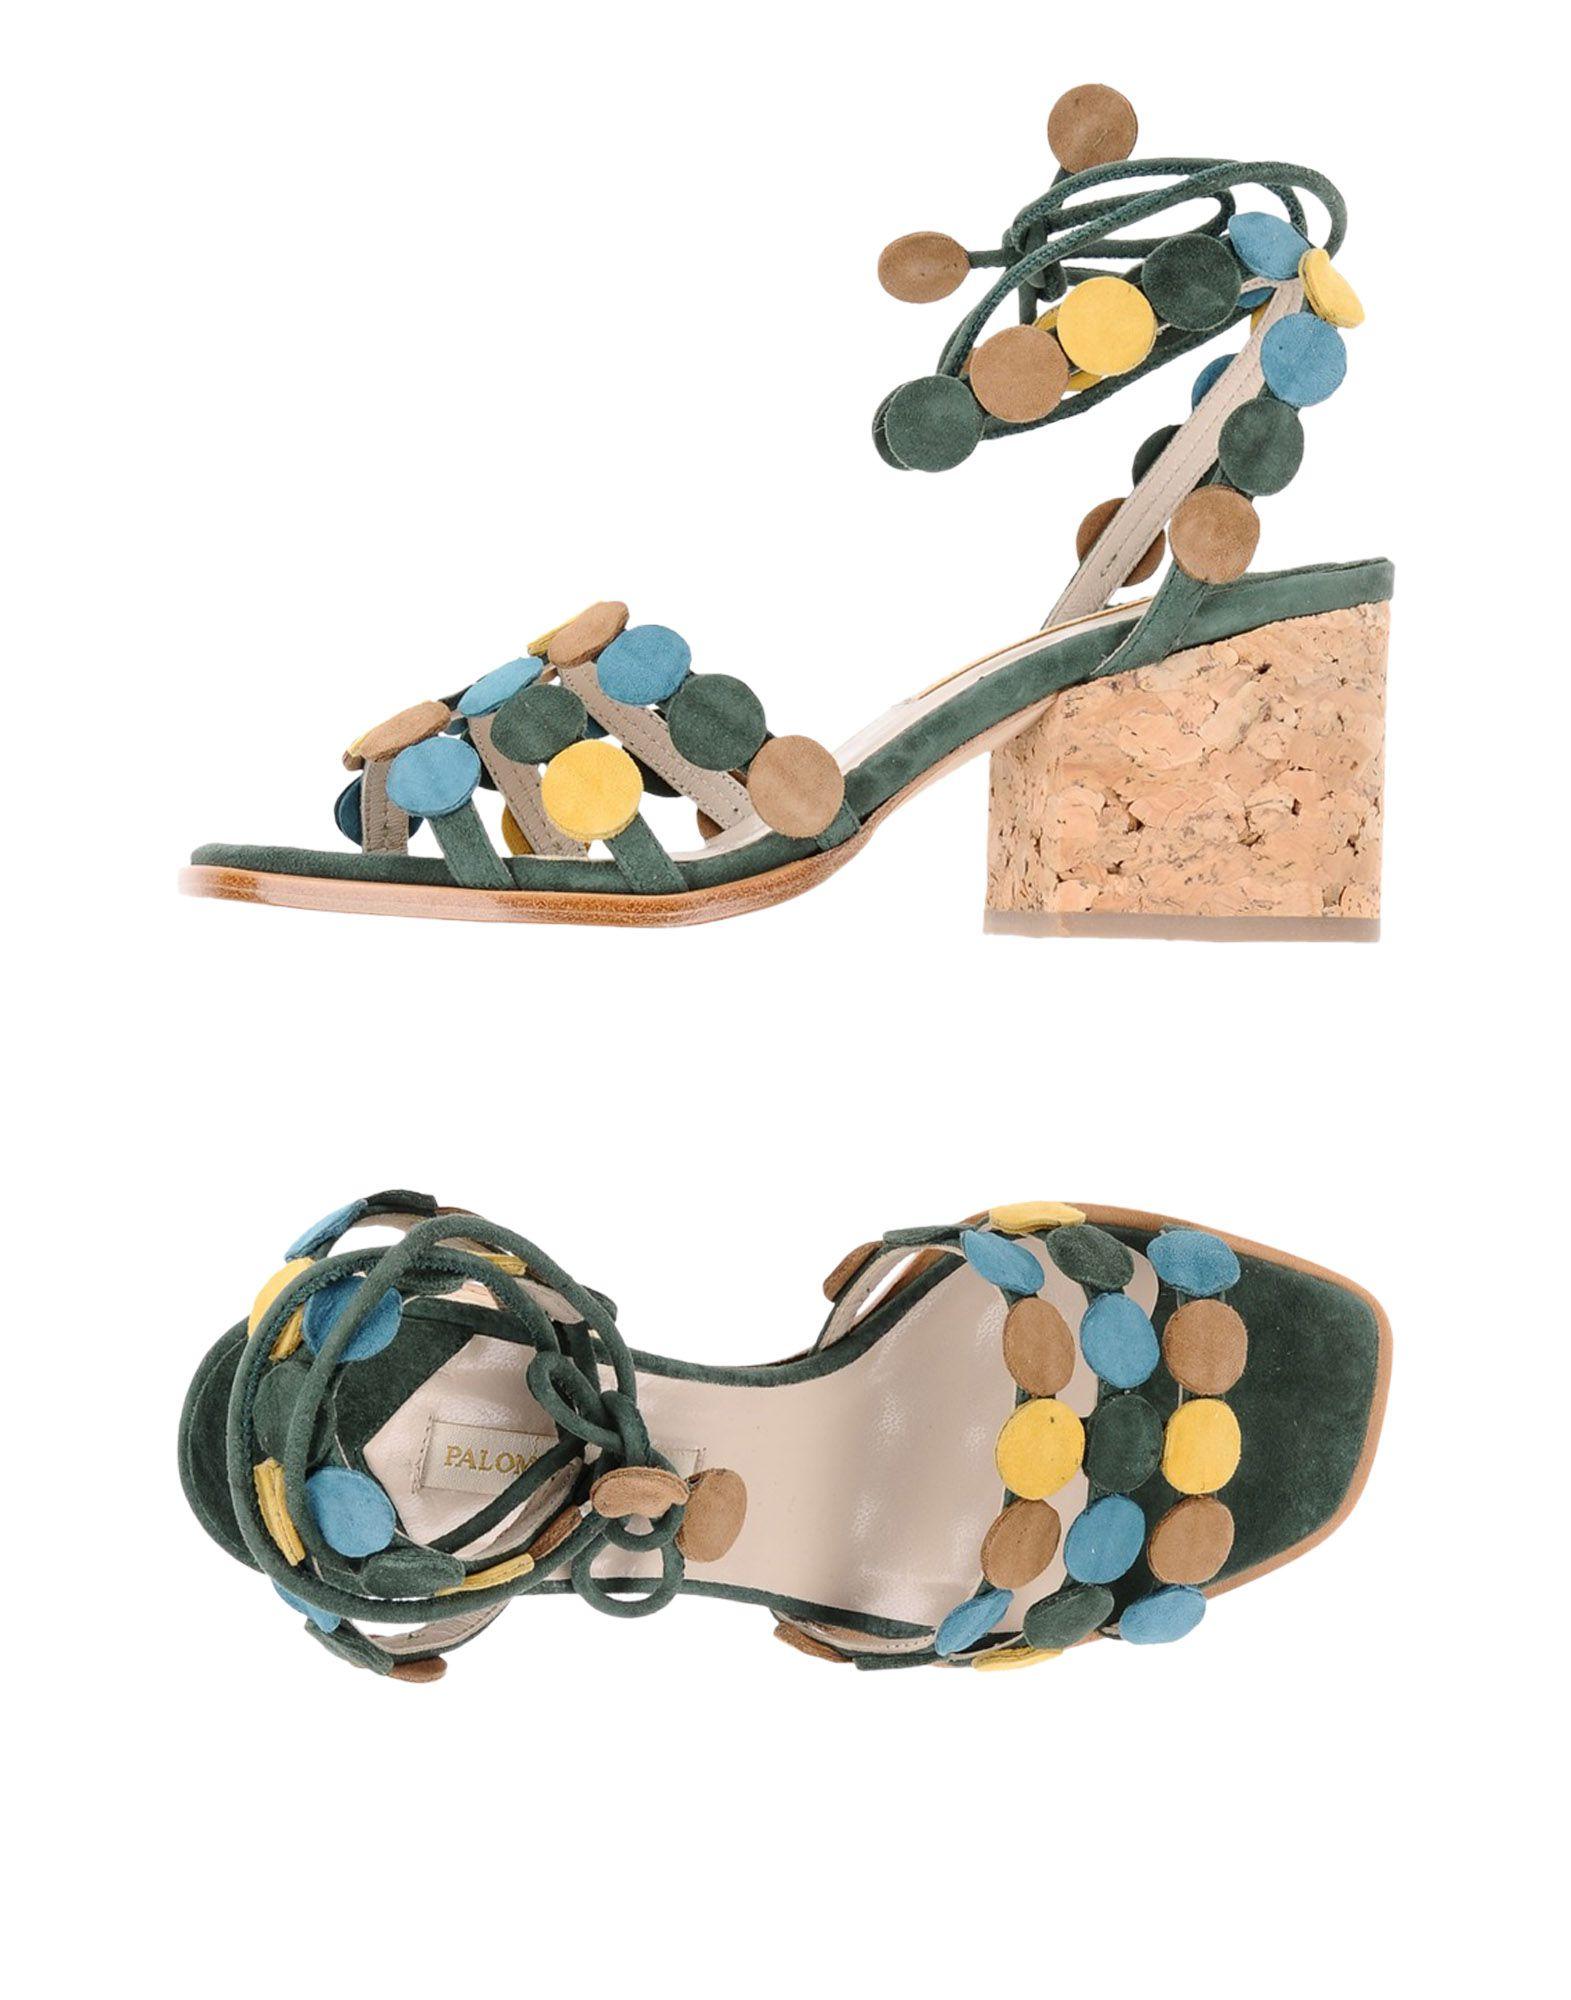 Paloma Barceló 11333018WF Sandalen Damen 11333018WF Barceló Gute Qualität beliebte Schuhe 2f2988